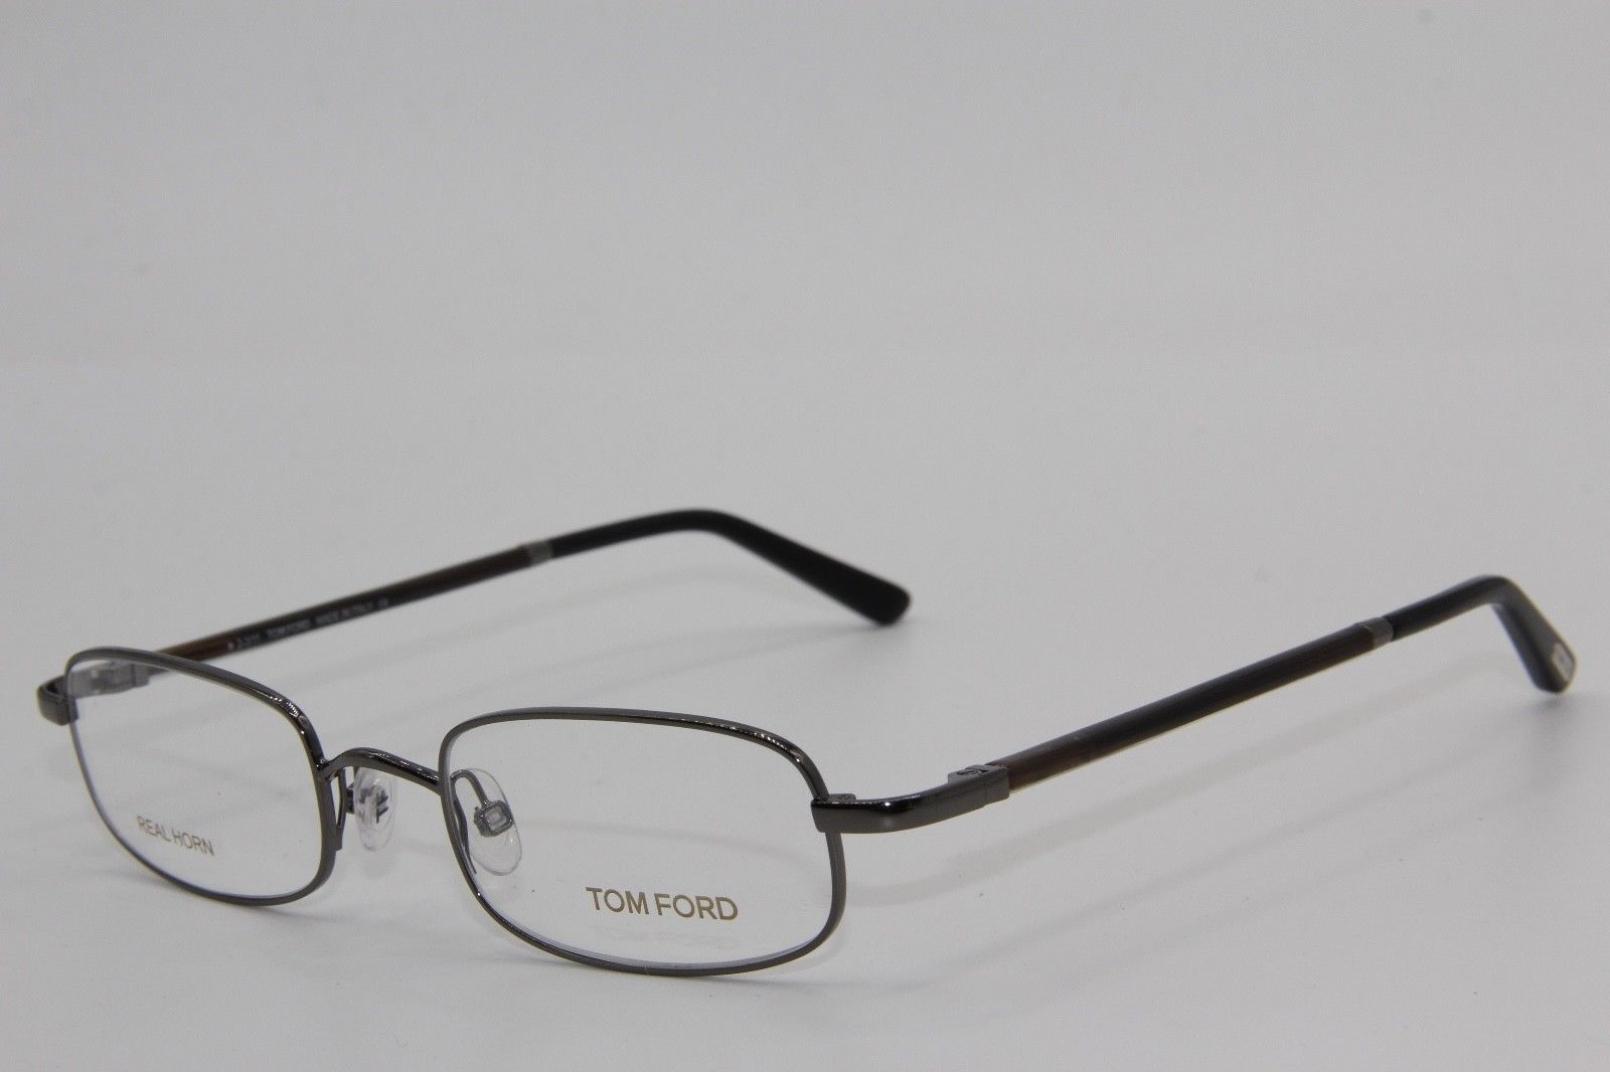 TOM FORD 5219 008